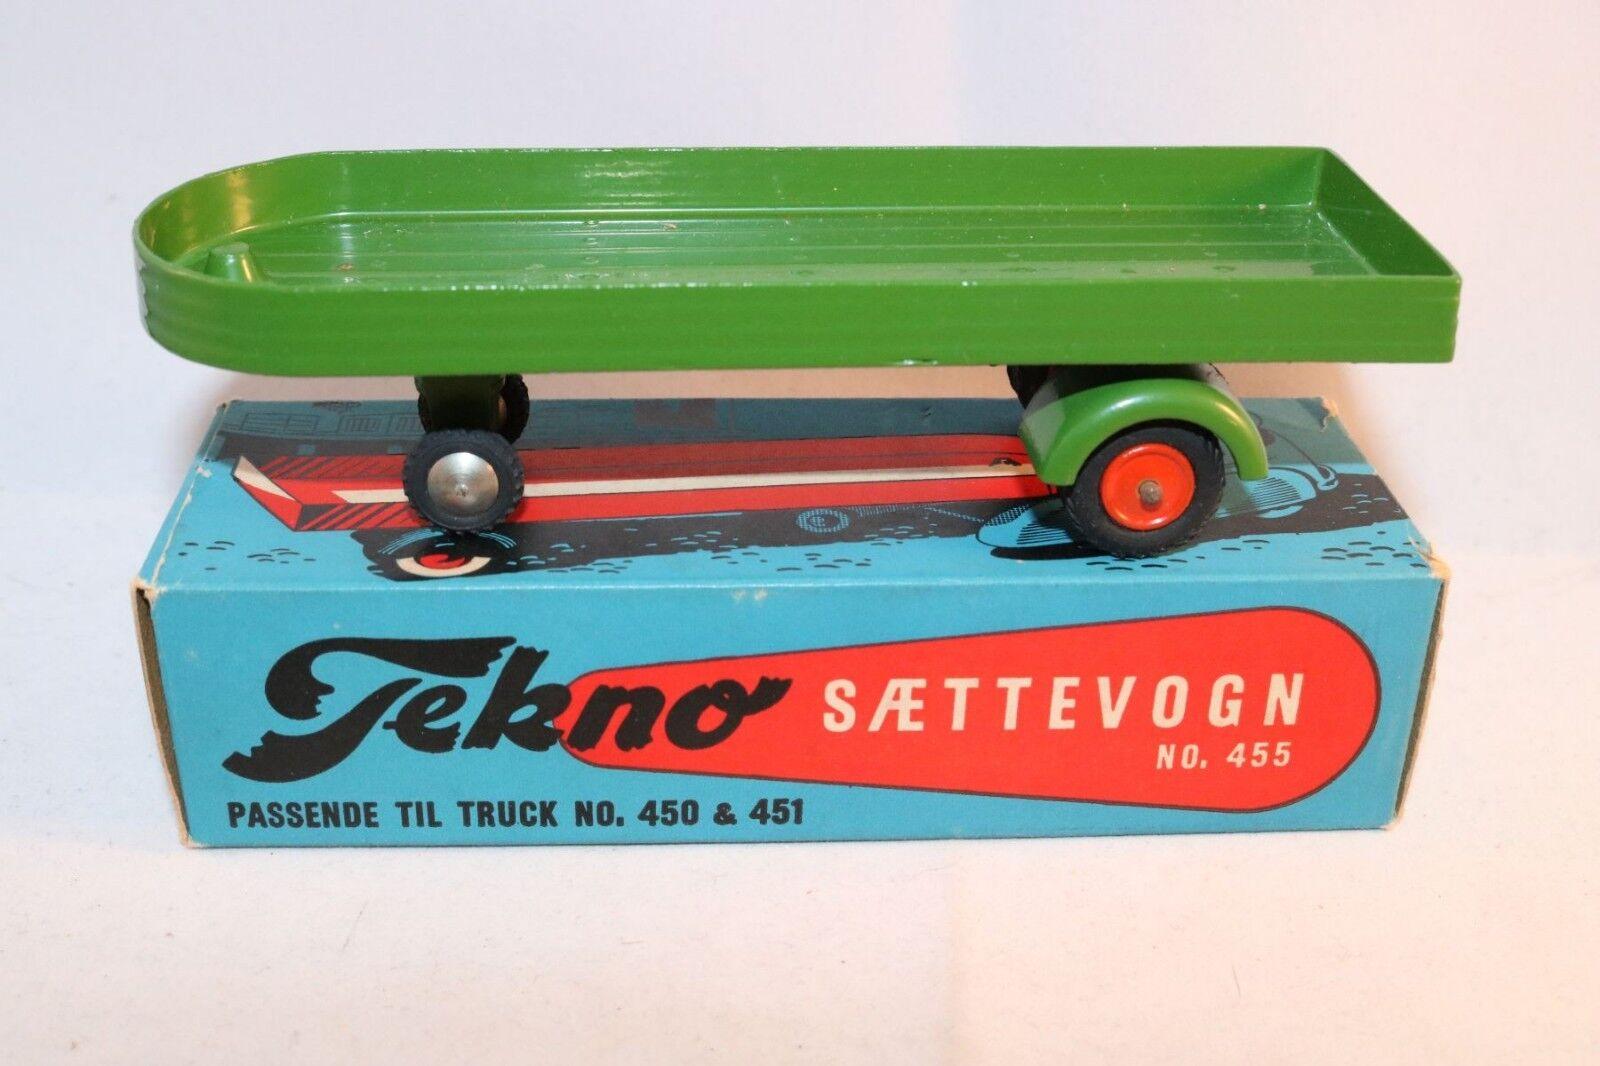 Tekno Denmark 455 Saettevogn - trailer green perfect mint in box